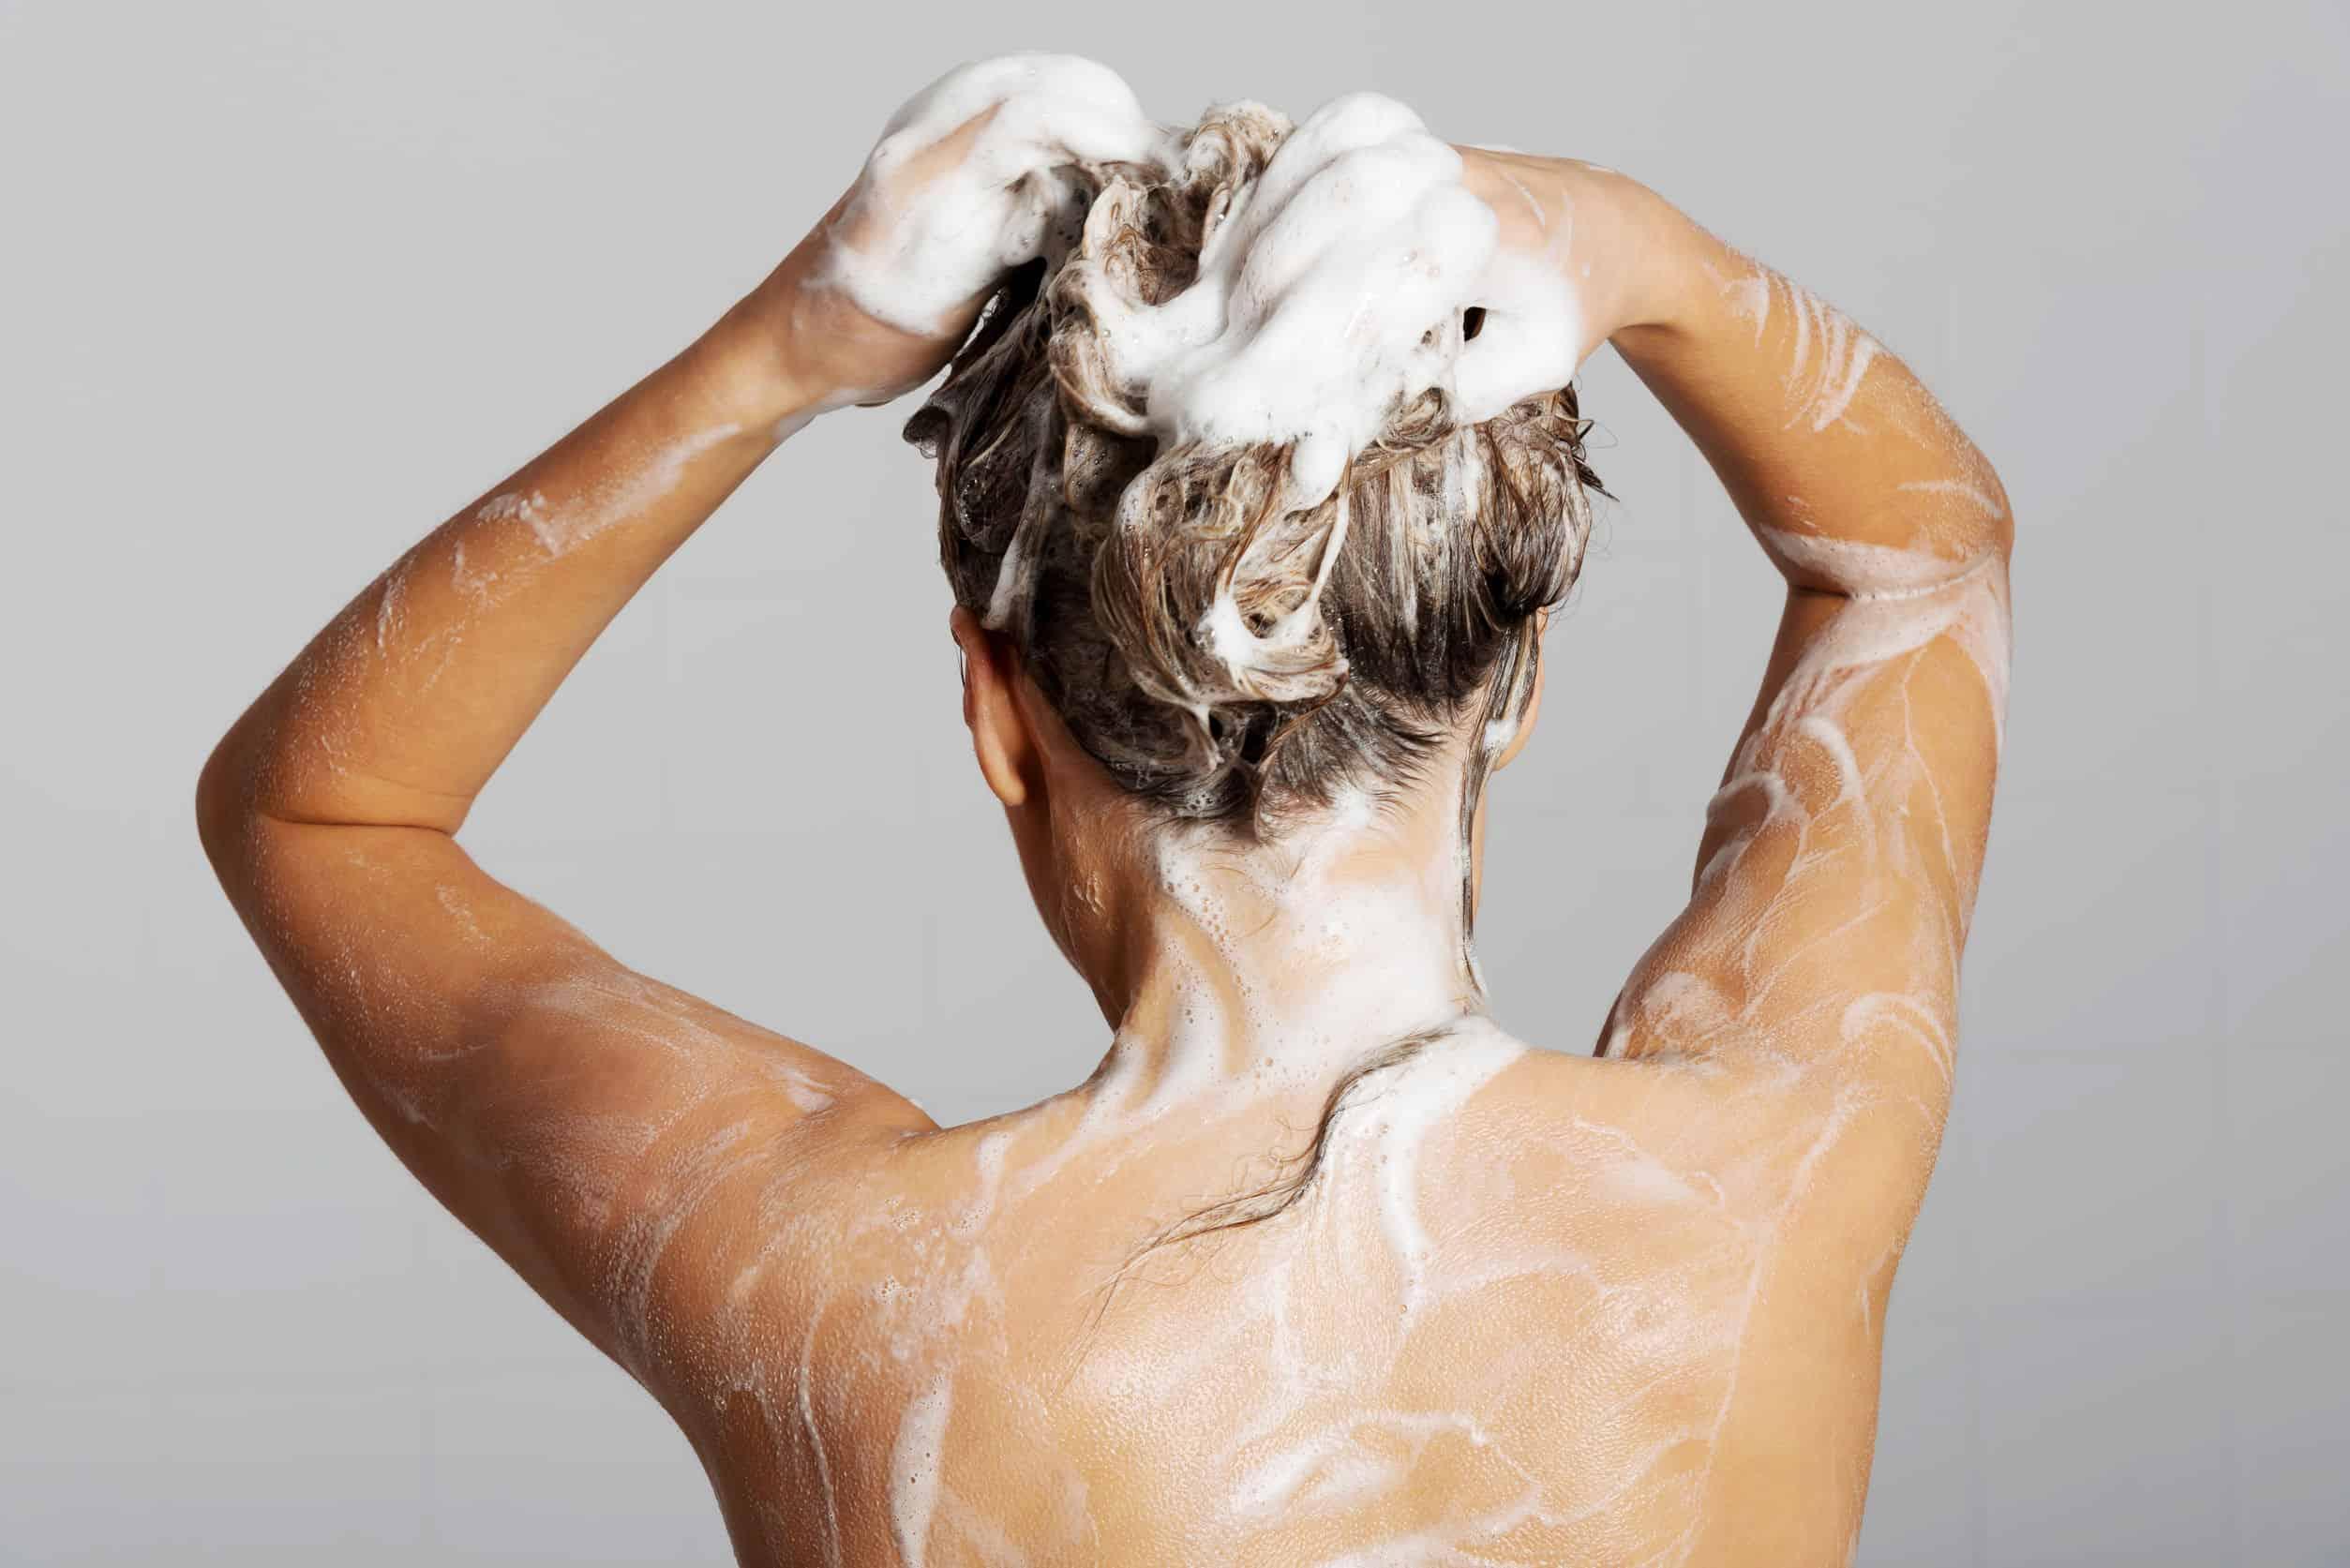 Foto de uma mulher de costas, tomando banho e com espuma nos cabelos.